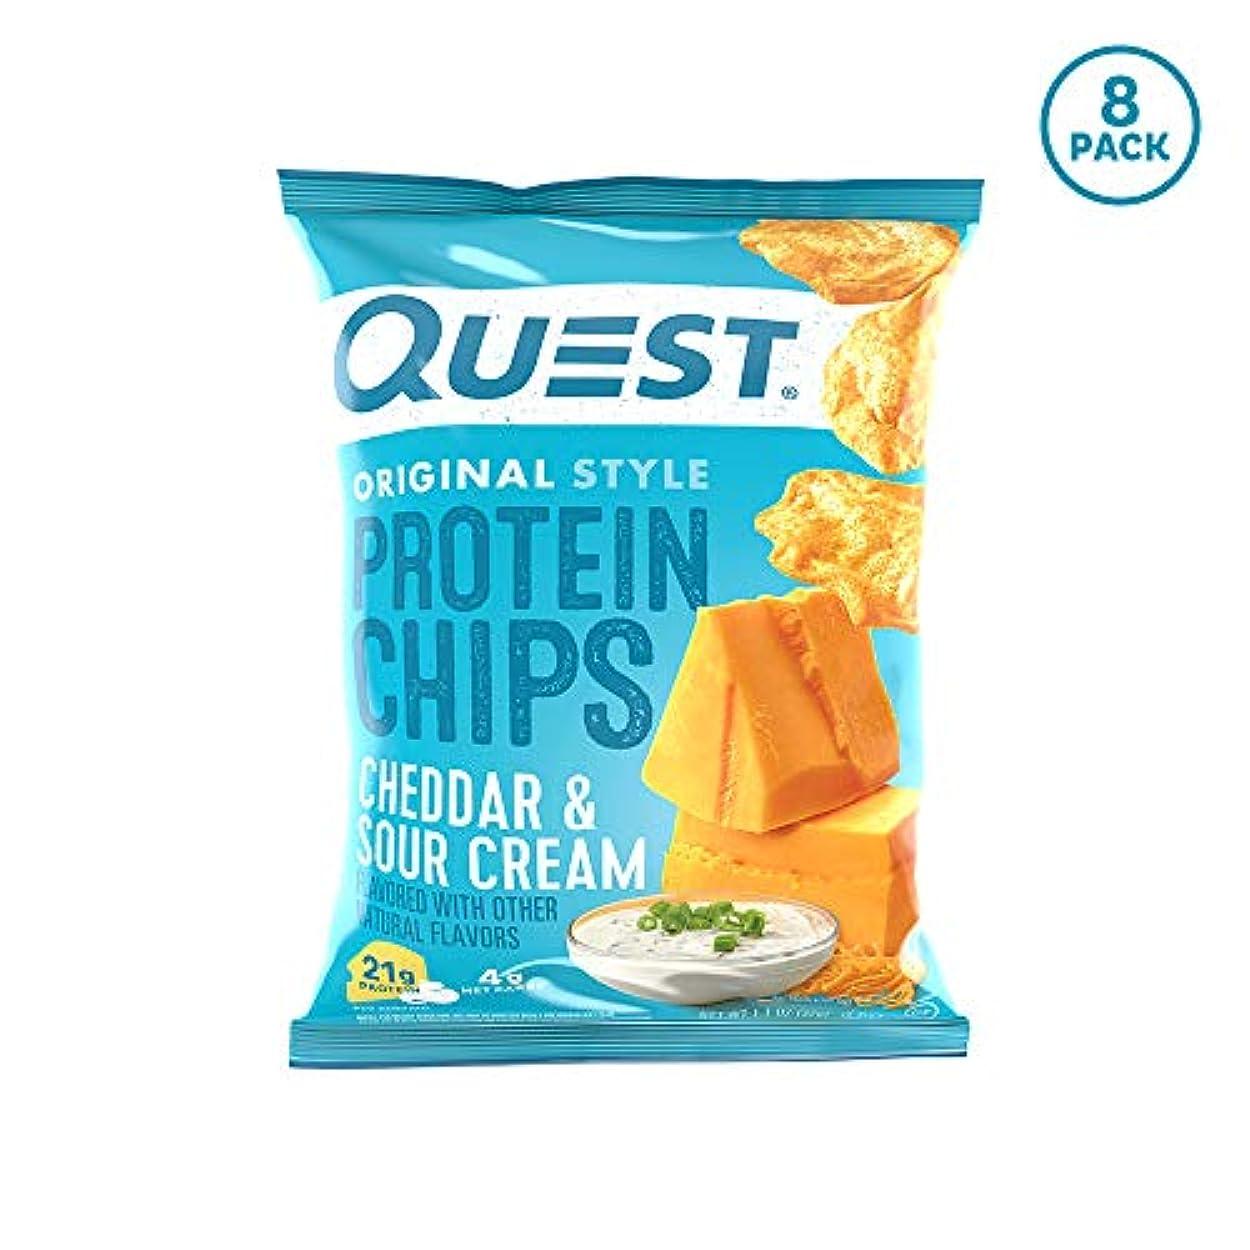 ギャングバルーンに応じてプロテイン チップス チェダーサワークリーム フレイバー クエスト 8袋セット 並行輸入品 Quest Nutrition Protein Chips Cheddar & Sour Cream Pack of 8 海外直送品